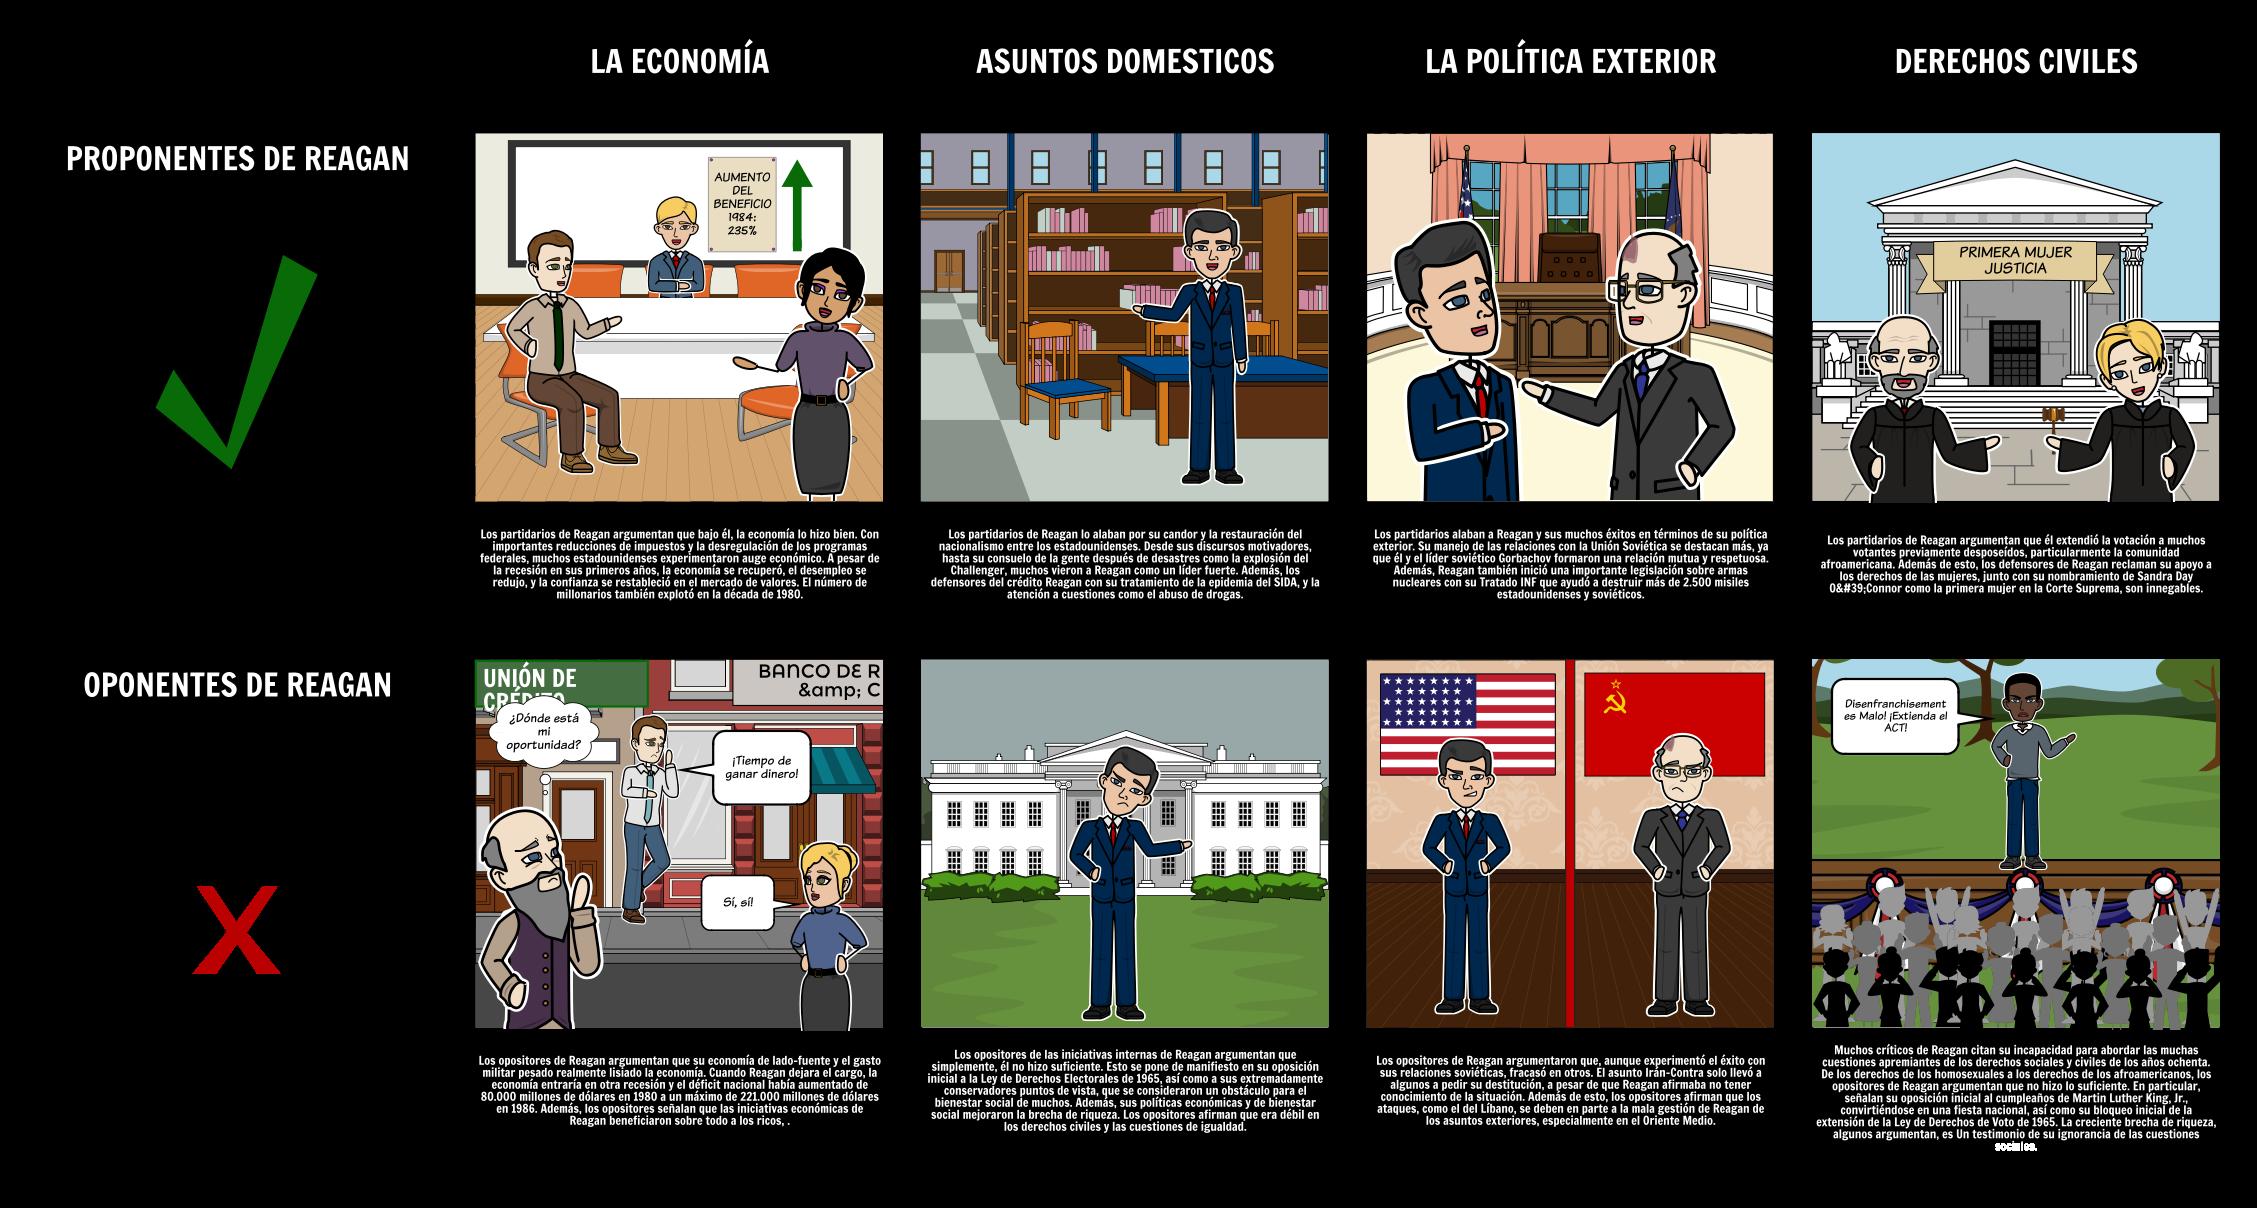 Presidencia Reagan - Puntos de Vista del Proponente y del Oponente